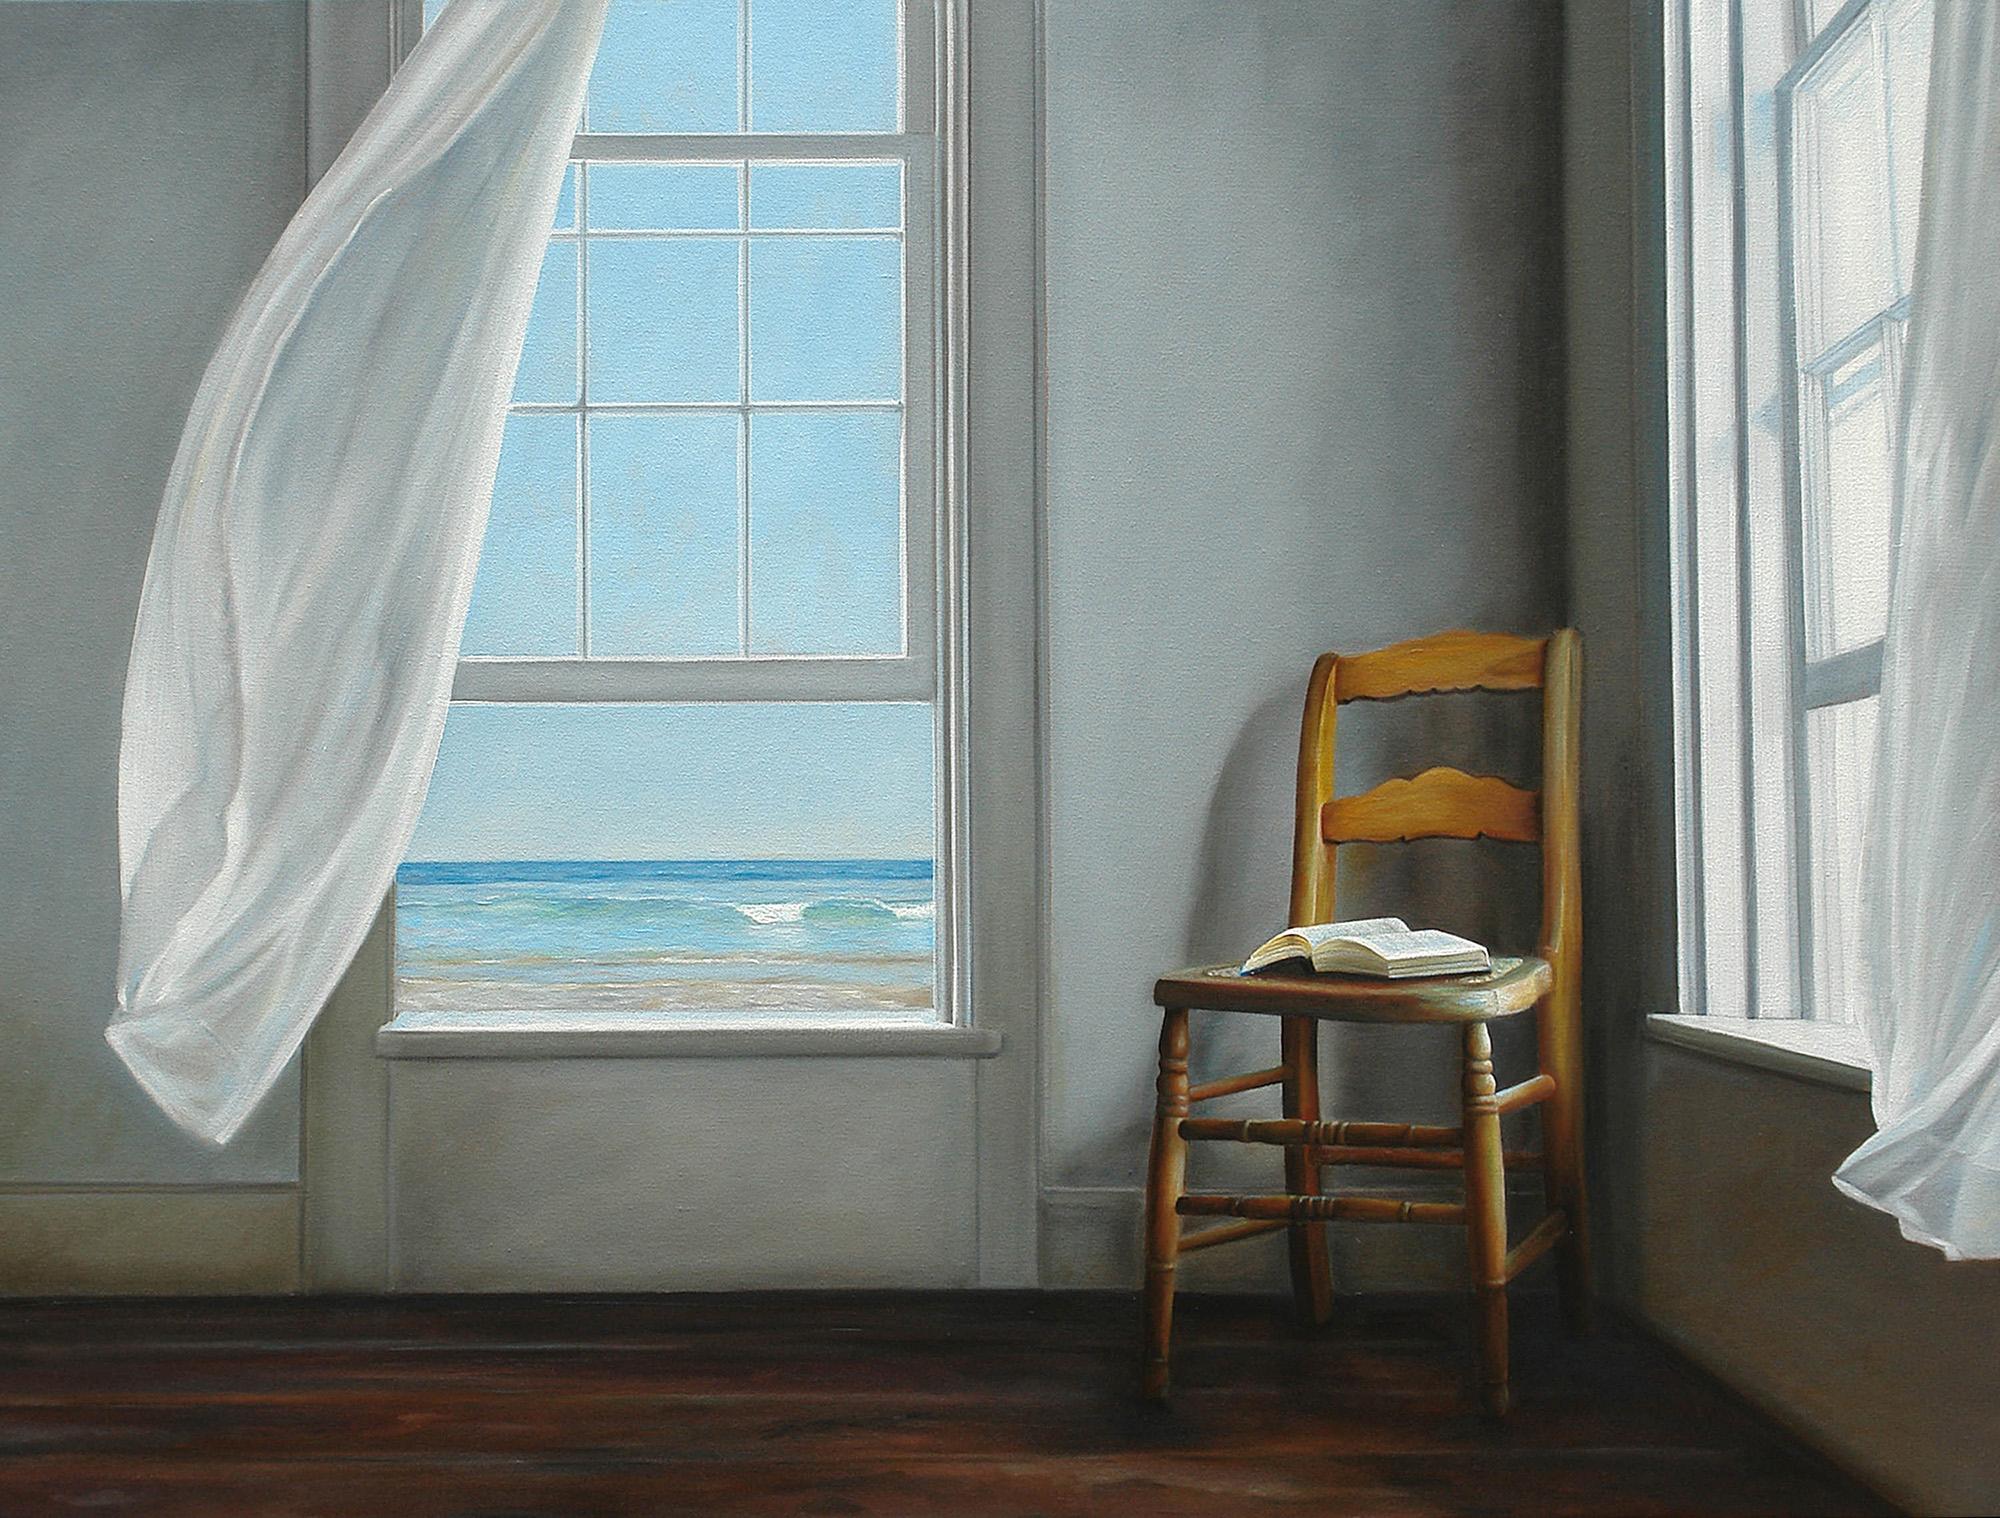 Nauset Beach | 30 x 40 | Oil on canvas